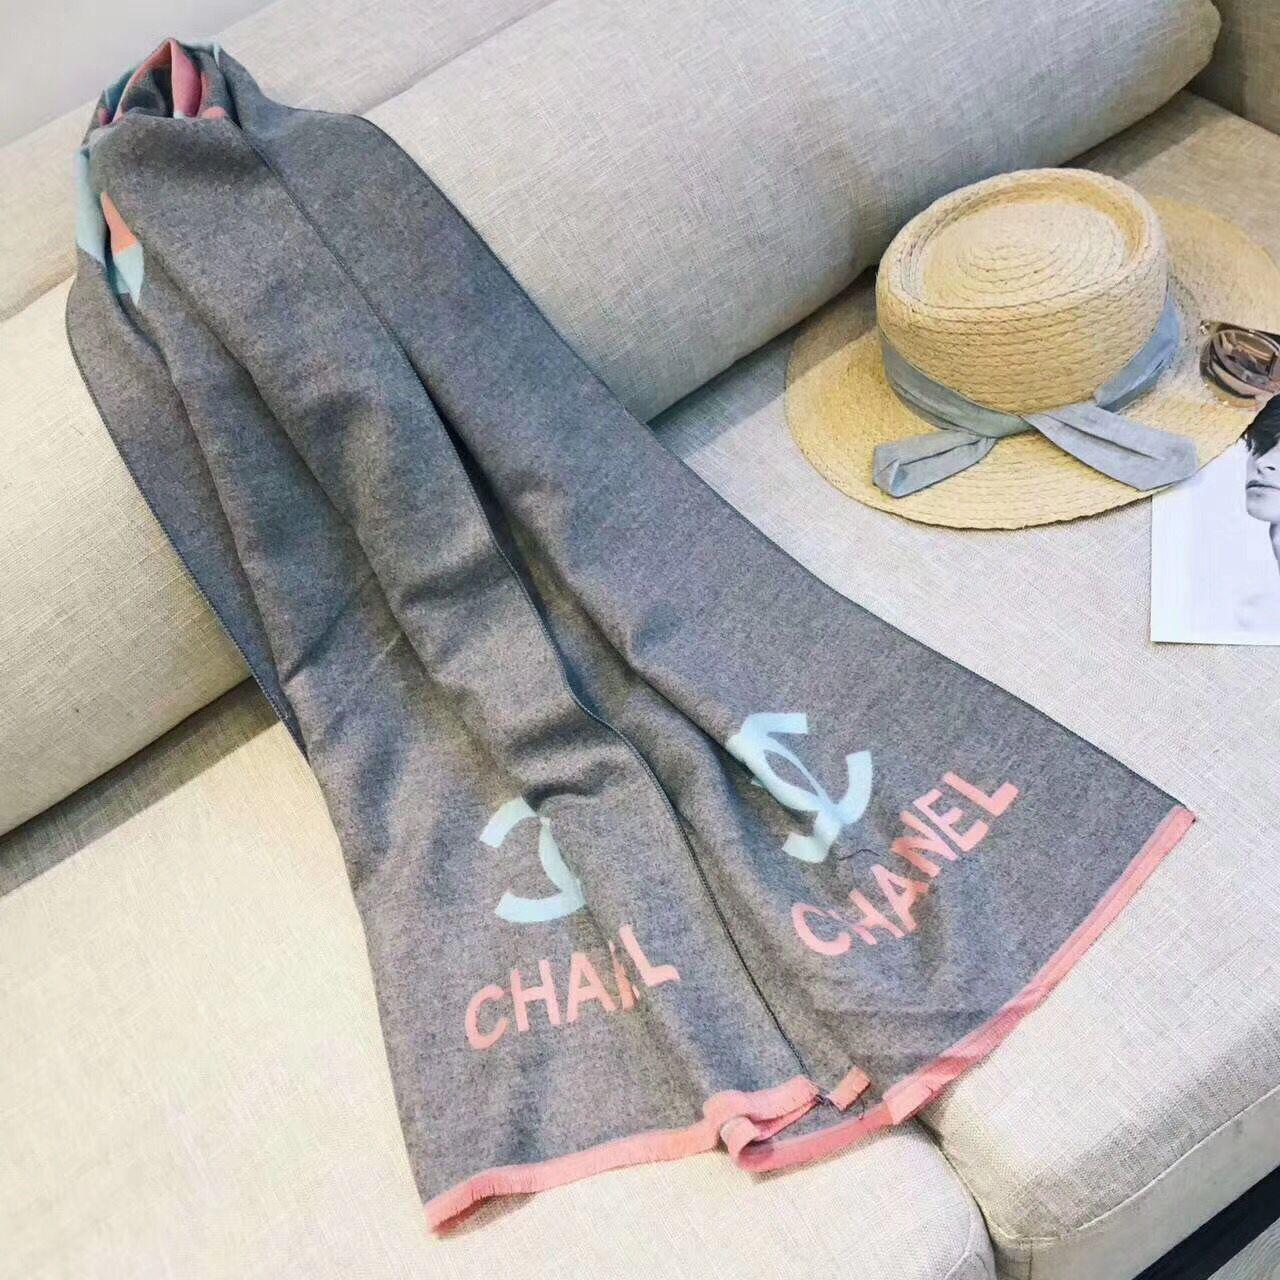 シャネル    マフラー スカーフ    ファッション小物   CHANEL/szm-625